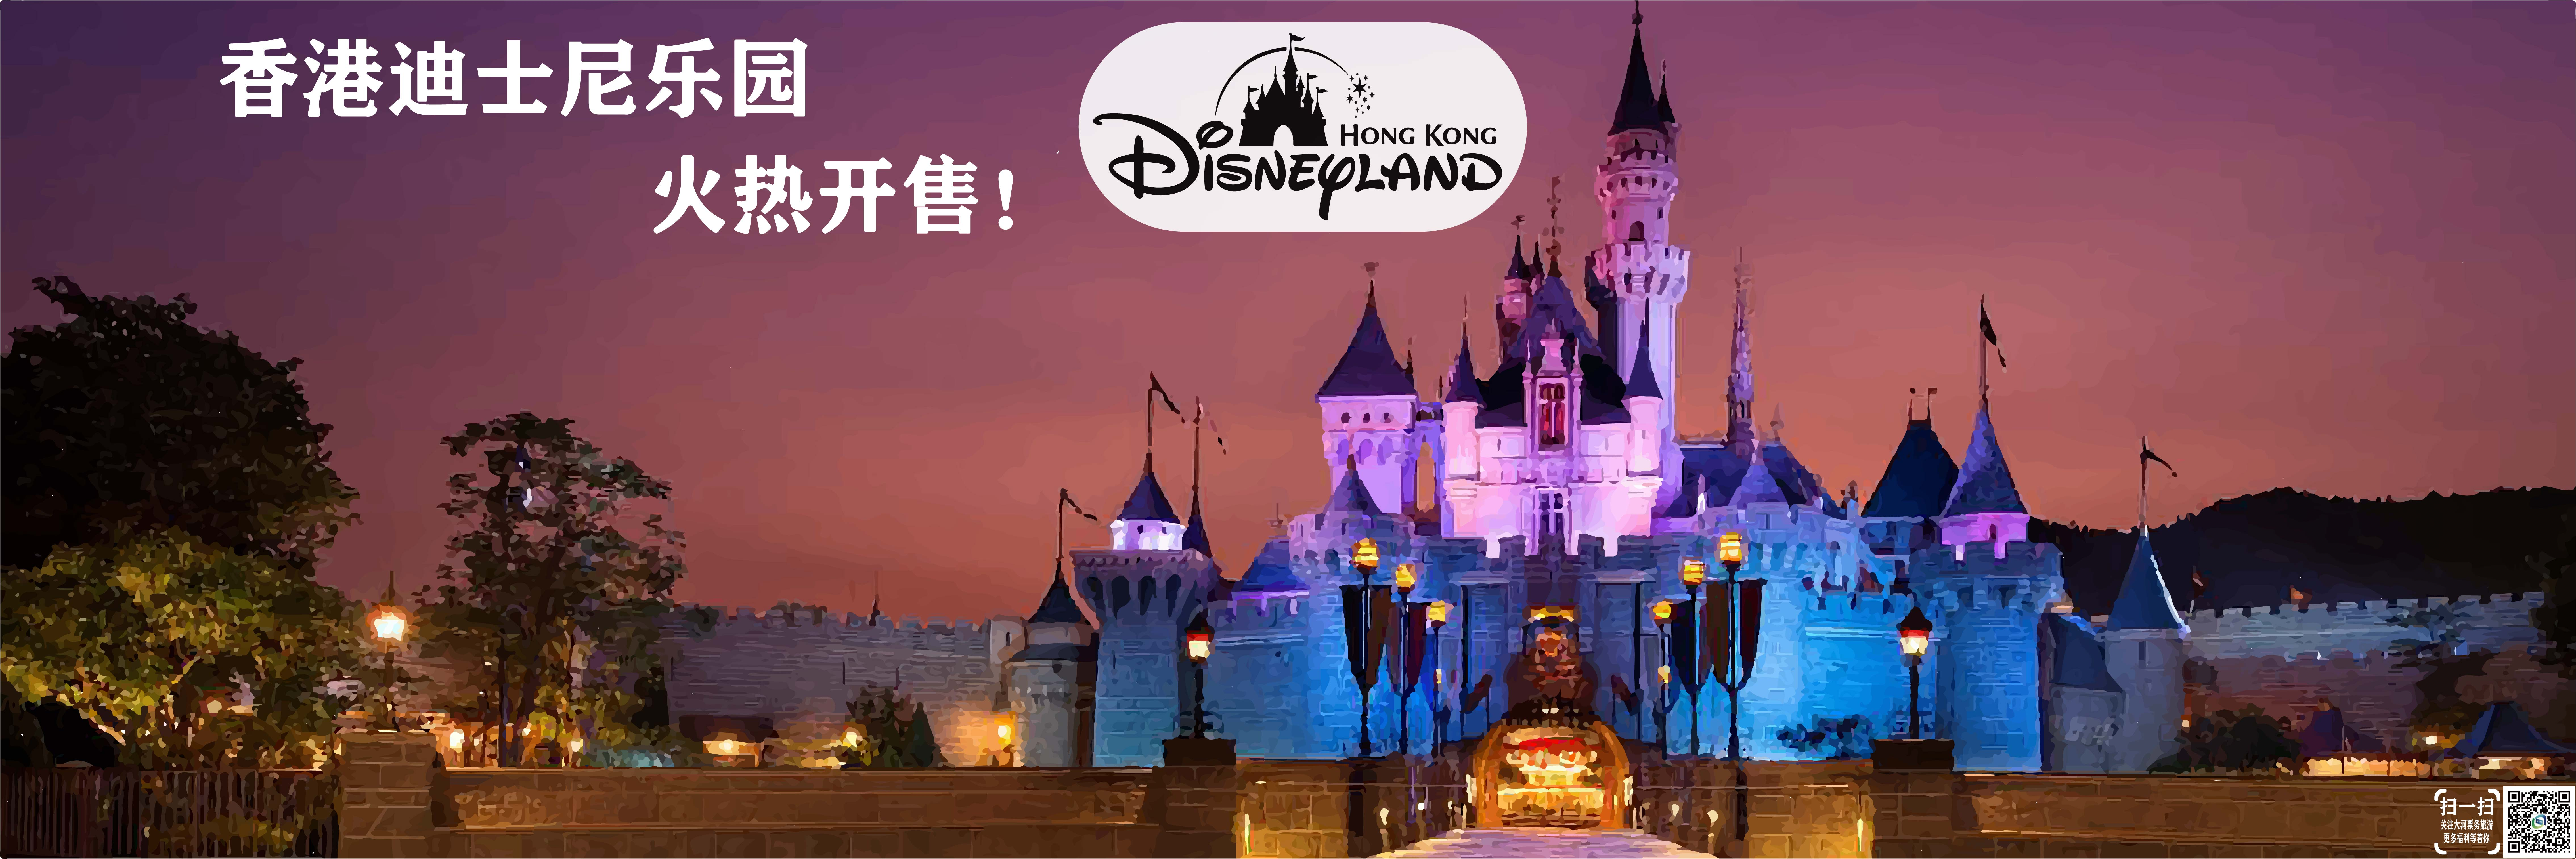 香港迪士尼��@